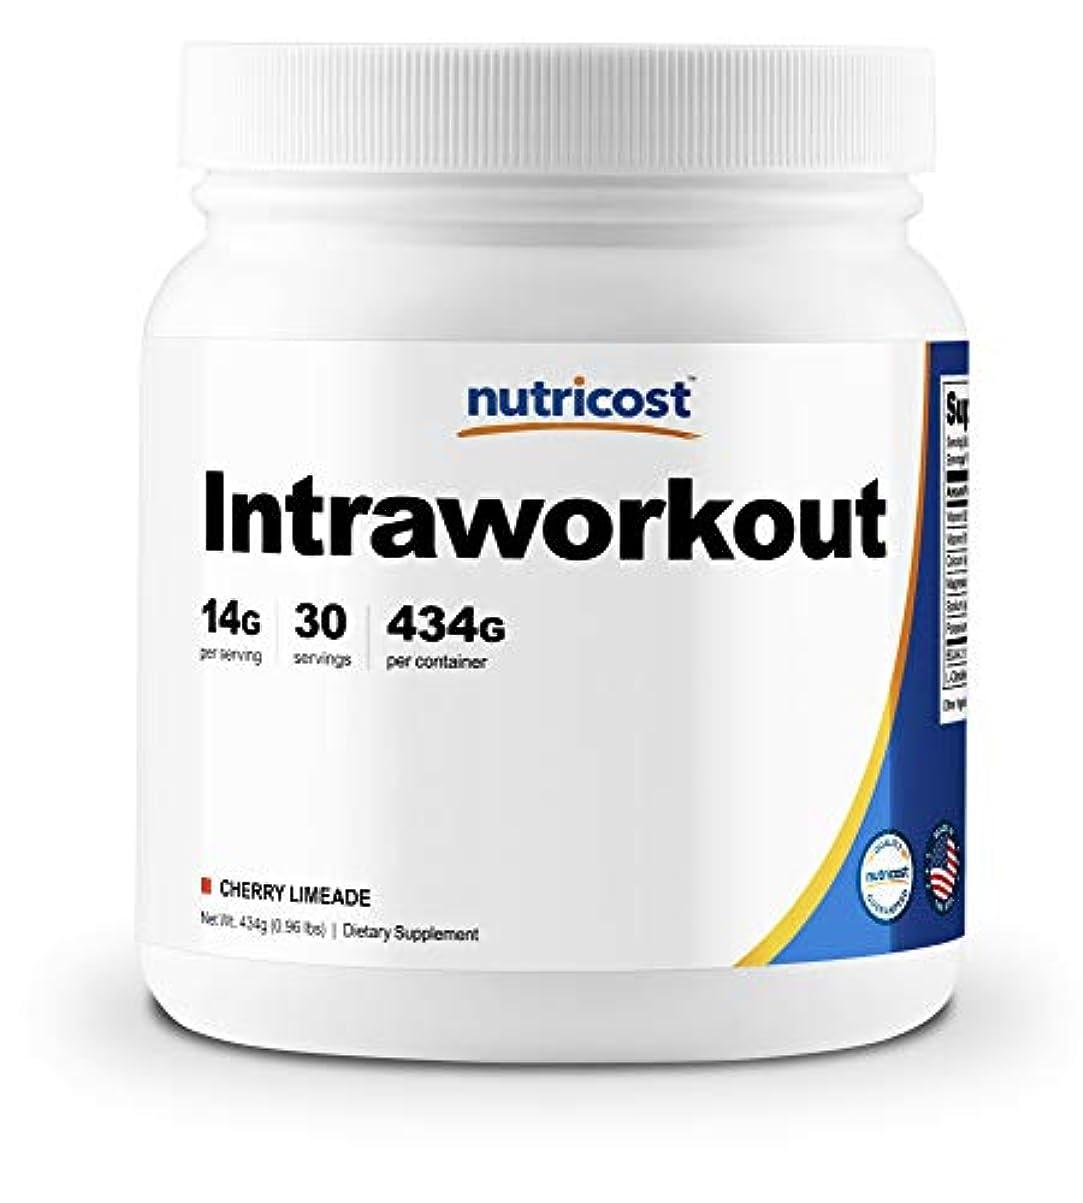 ながら和らげる担保Nutricost イントラワークアウトパウダー(チェリーライムエード味)、非GMO、グルテンフリー